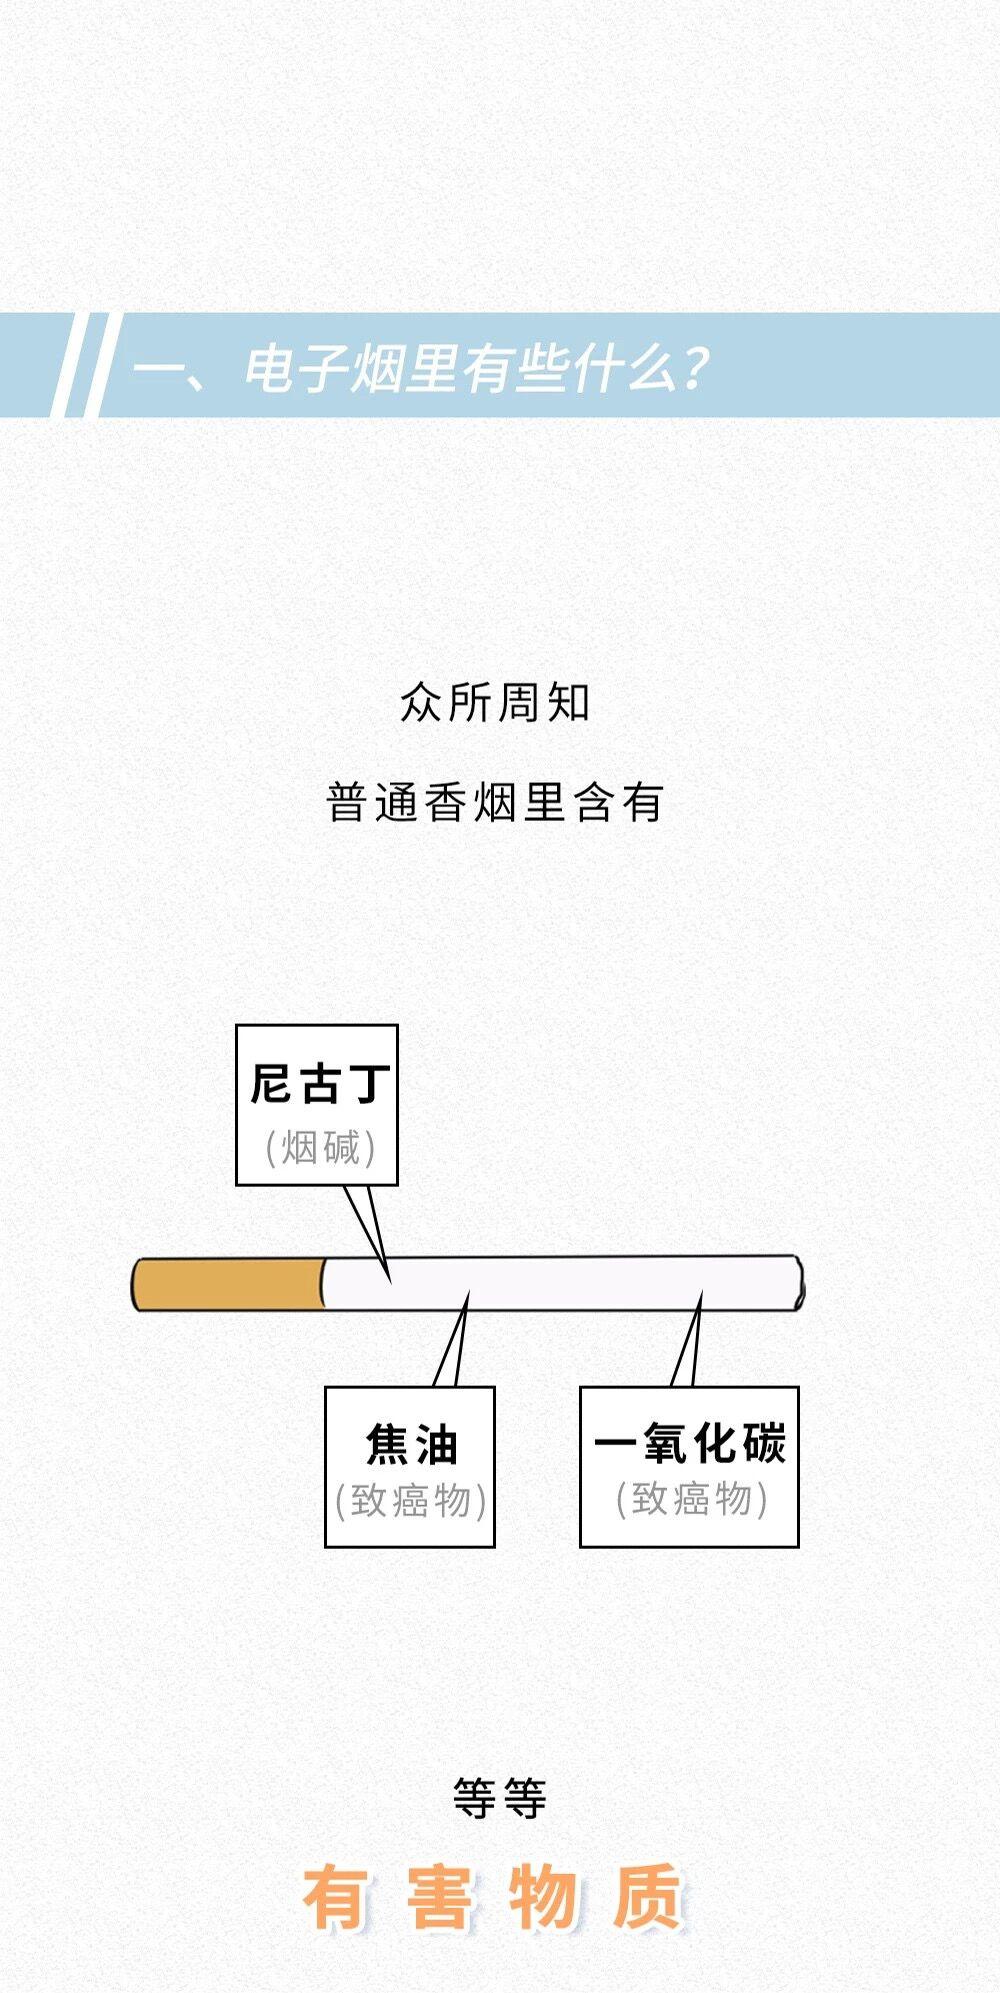 0尼古丁烟弹能替烟缓解烟瘾吗